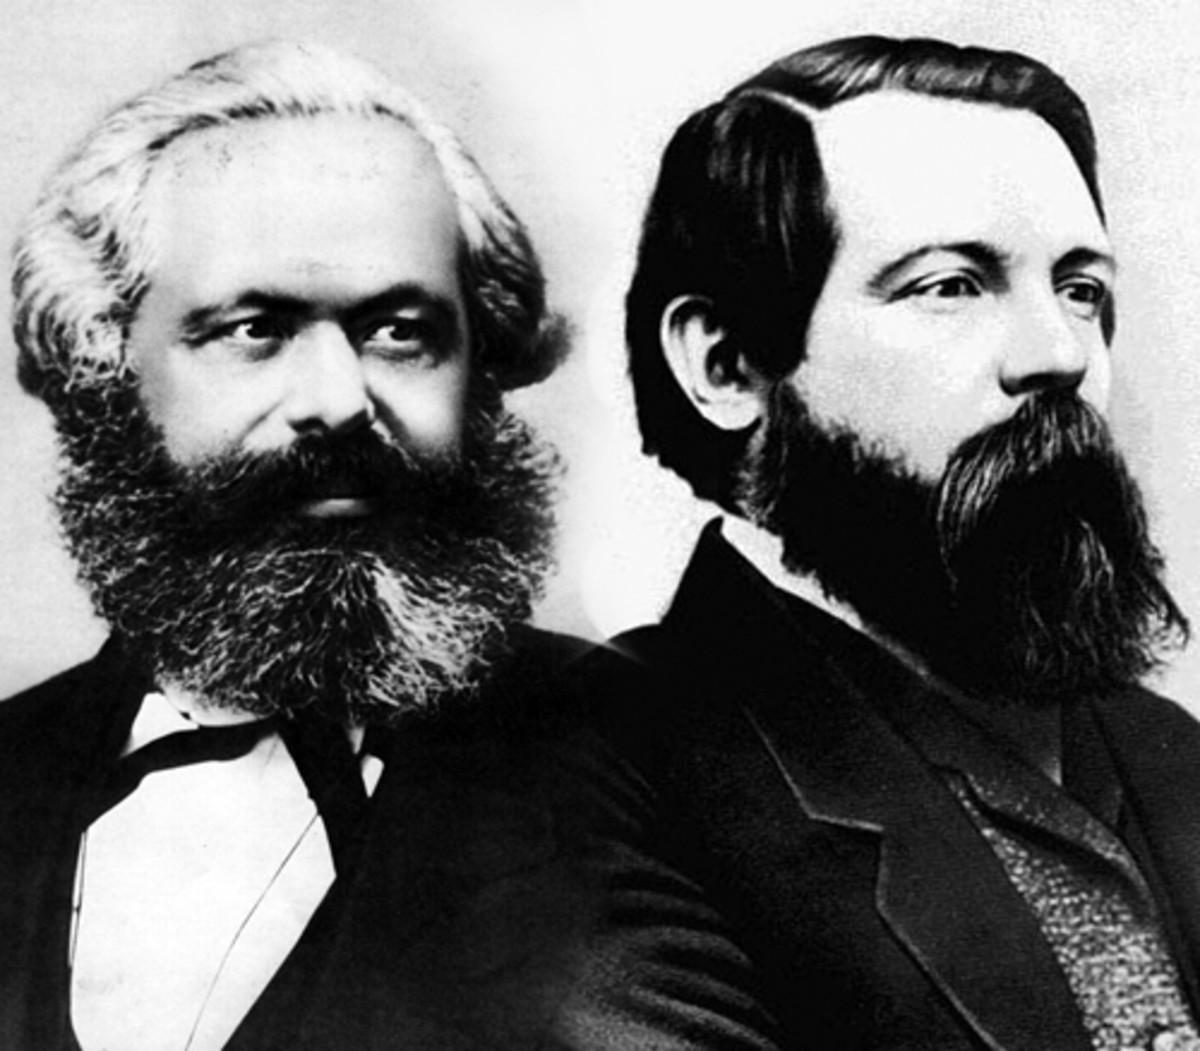 Karl Marx and Freidrich Engels.